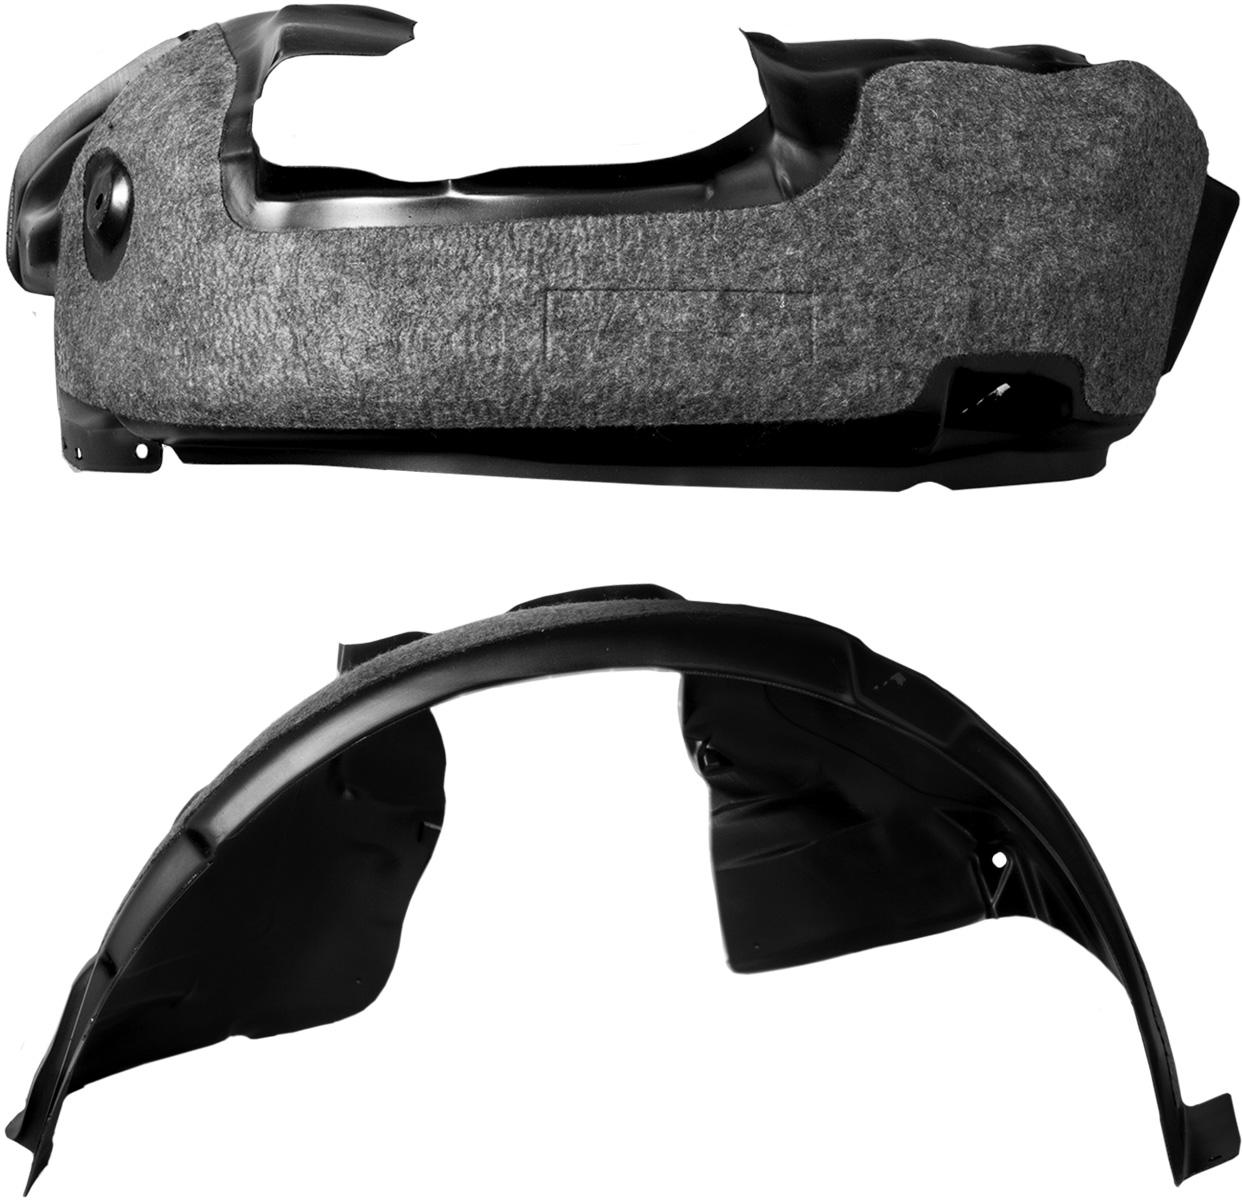 Подкрылок с шумоизоляцией Novline-Autofamily, для Hyundai Tucson кроссовер, 11/2015 -> (передний правый)DAVC150Подкрылок с шумоизоляцией - революционный продукт, совмещающий в себе все достоинства обычного подкрылка, и в то же время являющийся одним из наиболее эффективных средств борьбы с внешним шумом в салоне автомобиля. Подкрылки бренда Novline-Autofamily разрабатываются индивидуально для каждого автомобиля с использованием метода 3D-сканирования.В качестве шумоизолирующего слоя применяется легкое синтетическое нетканое полотно толщиной 10 мм, которое отталкивает влагу, сохраняет свои шумоизоляционные свойства на протяжении всего периода эксплуатации.Подкрылки с шумоизоляцией не имеют эксплуатационных ограничений и устанавливаются один раз на весь срок службы автомобиля.Подкрылки с шумоизоляцией не имеют аналогов и являются российским изобретением, получившим признание во всём мире. Уважаемые клиенты! Обращаем ваше внимание, фото может не полностью соответствовать оригиналу.